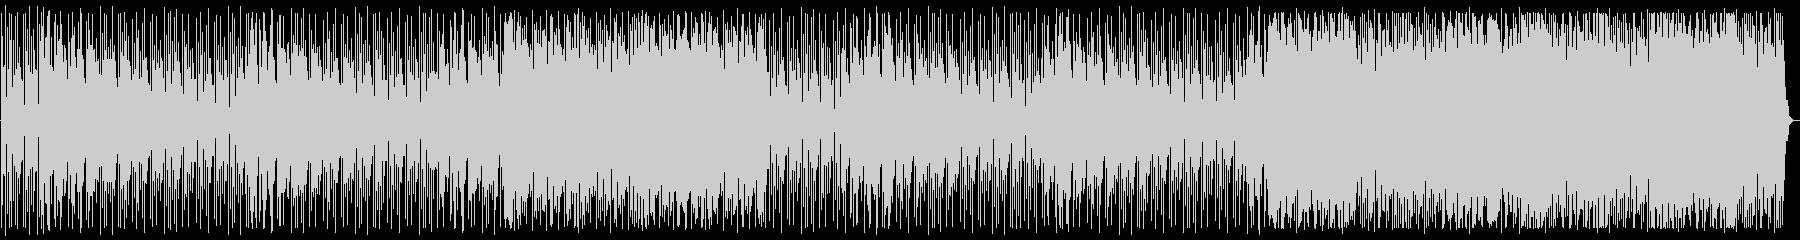 軽快な4つ打ちハウス_No583_1の未再生の波形